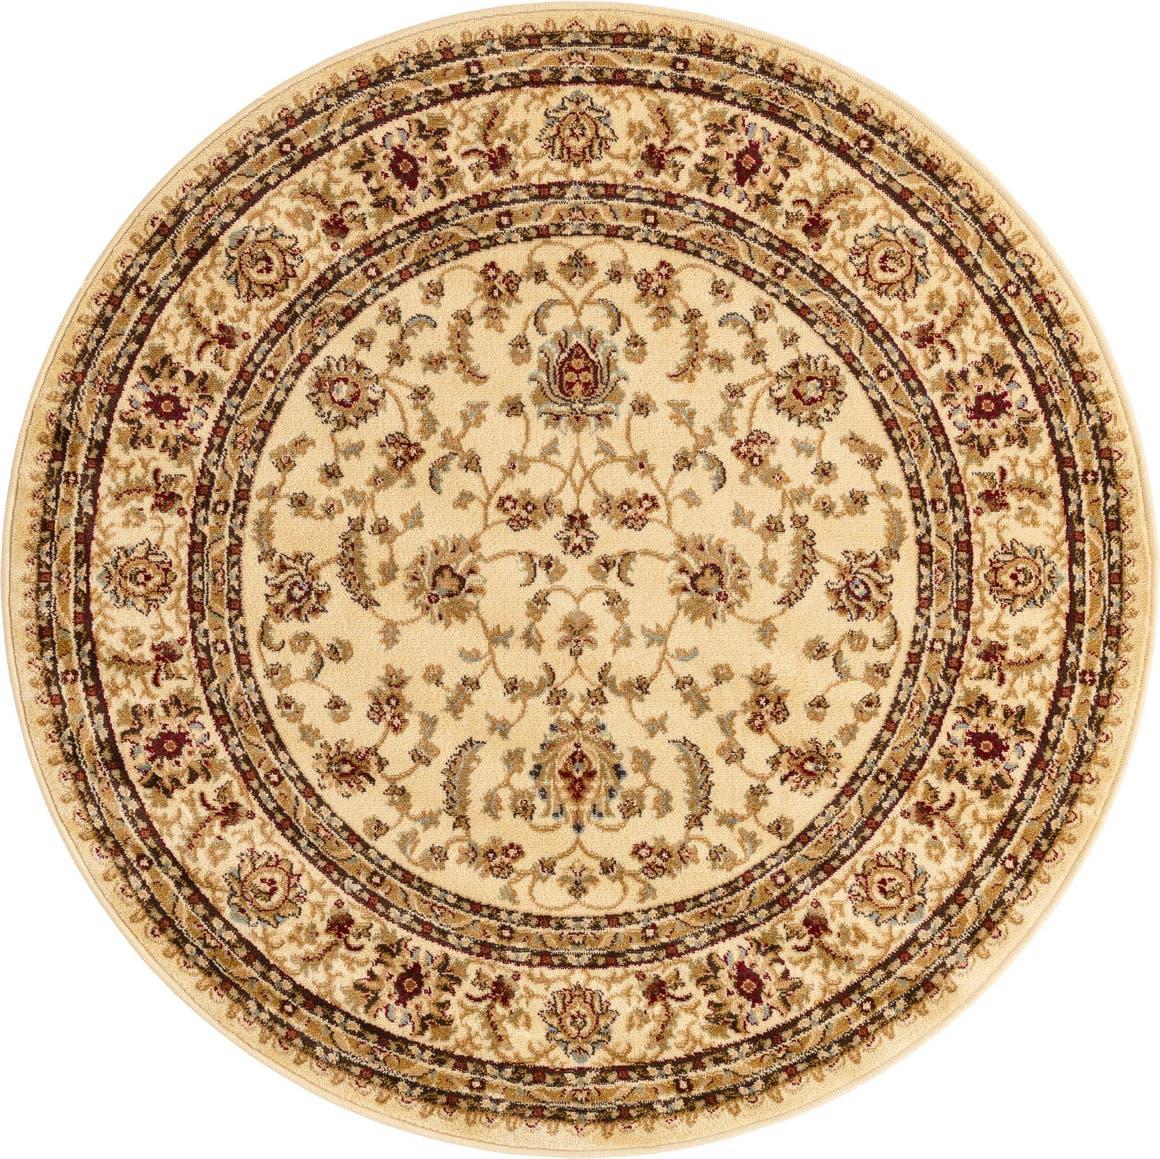 3' 3 x 3' 3 Classic Agra Round Rug main image